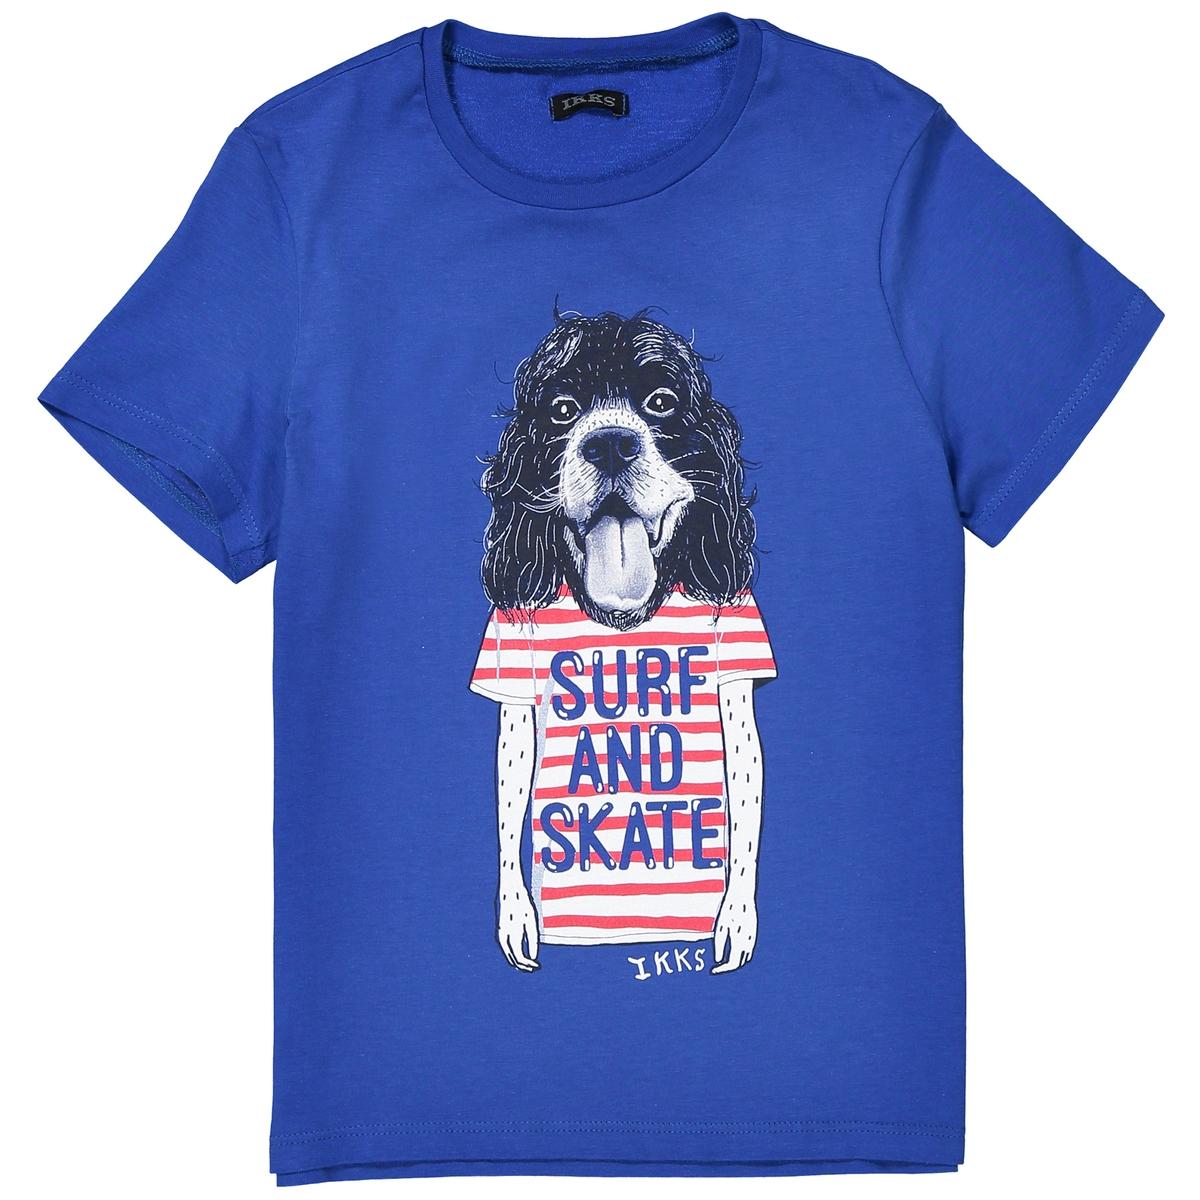 Футболка с рисунком собака, 3 - 14 лет футболка с рисунком собака 3 14 лет